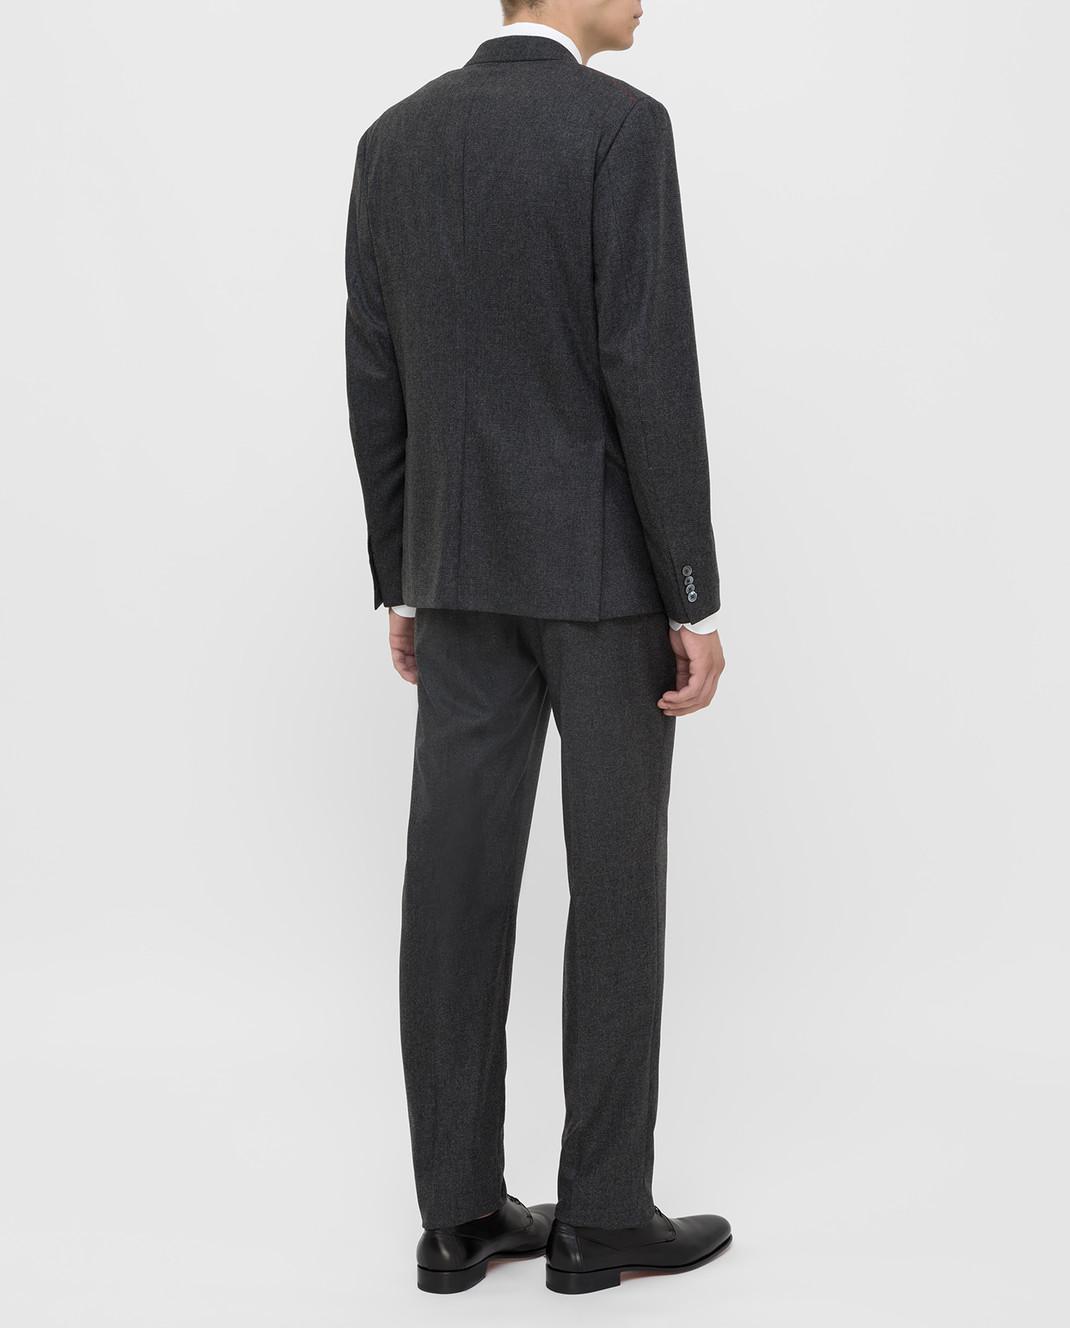 ISAIA Серый костюм из шерсти и кашемира 224ASI89681 изображение 4